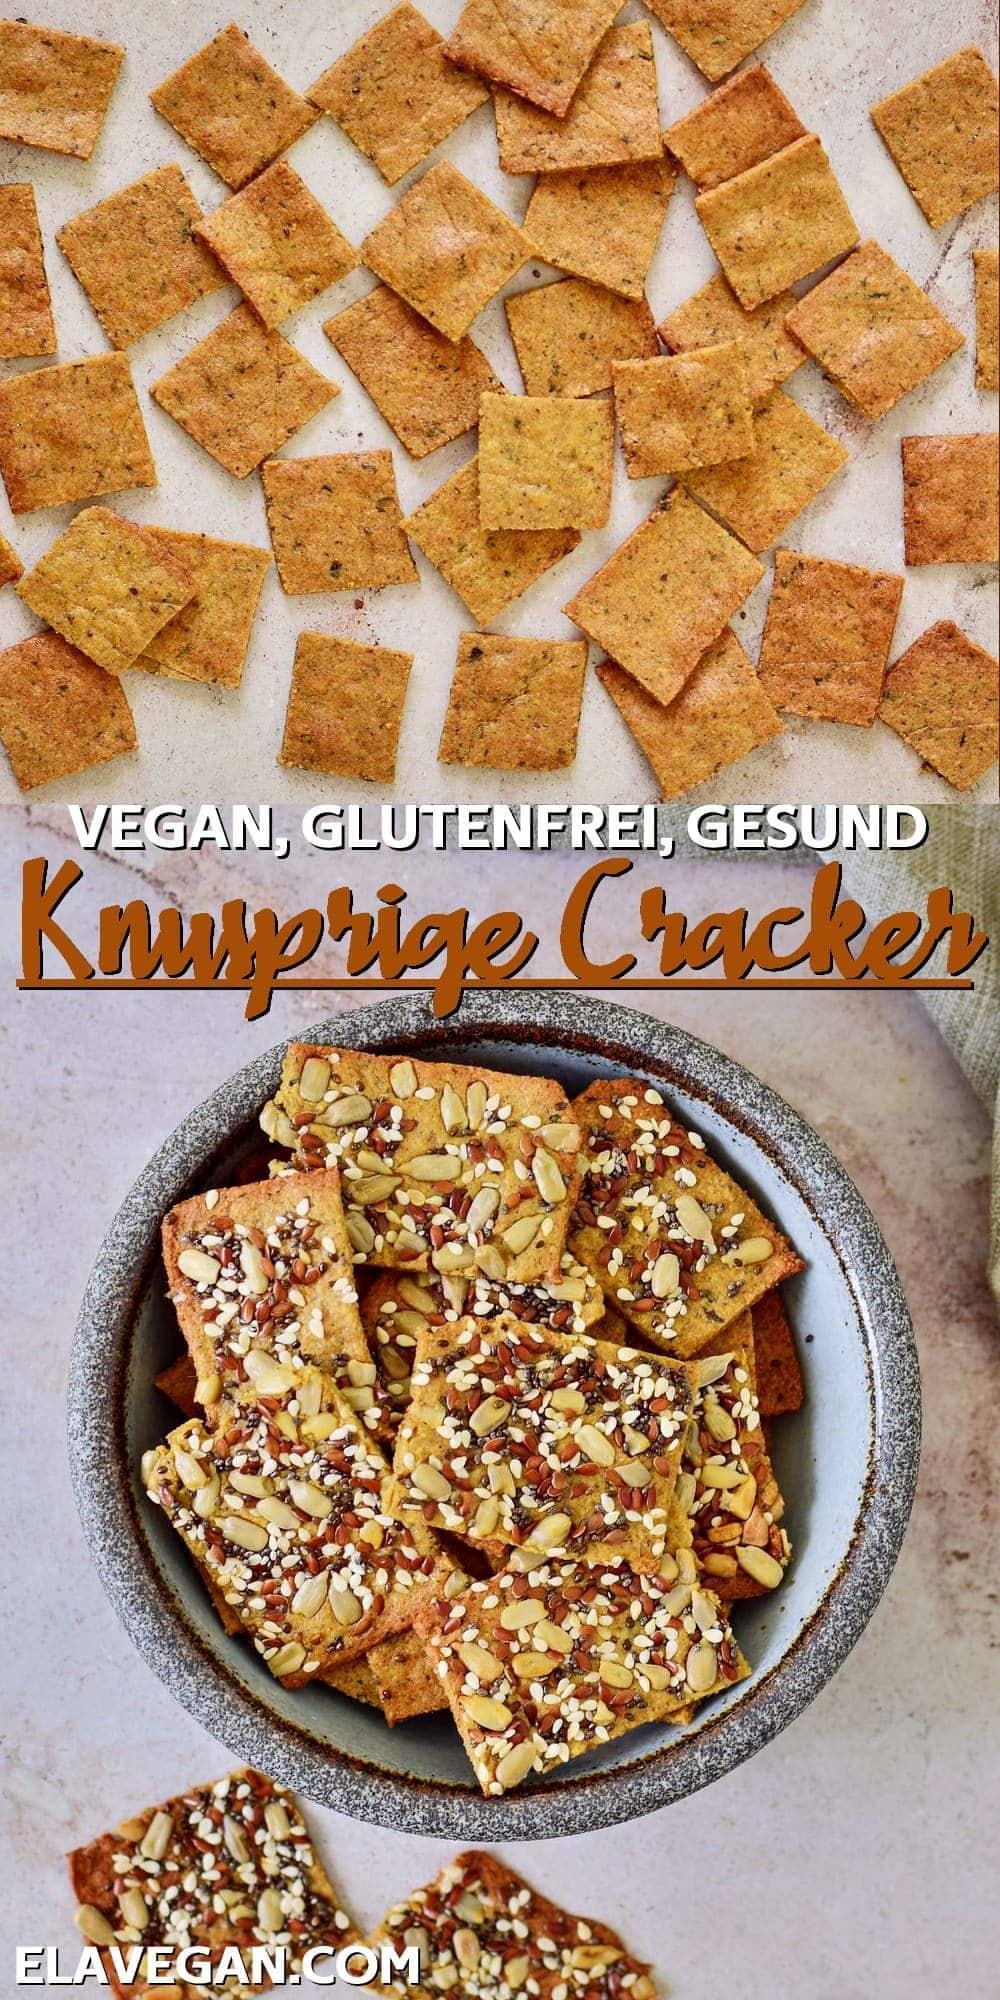 Collage vegan, glutenfrei, gesund, knusprige Cracker